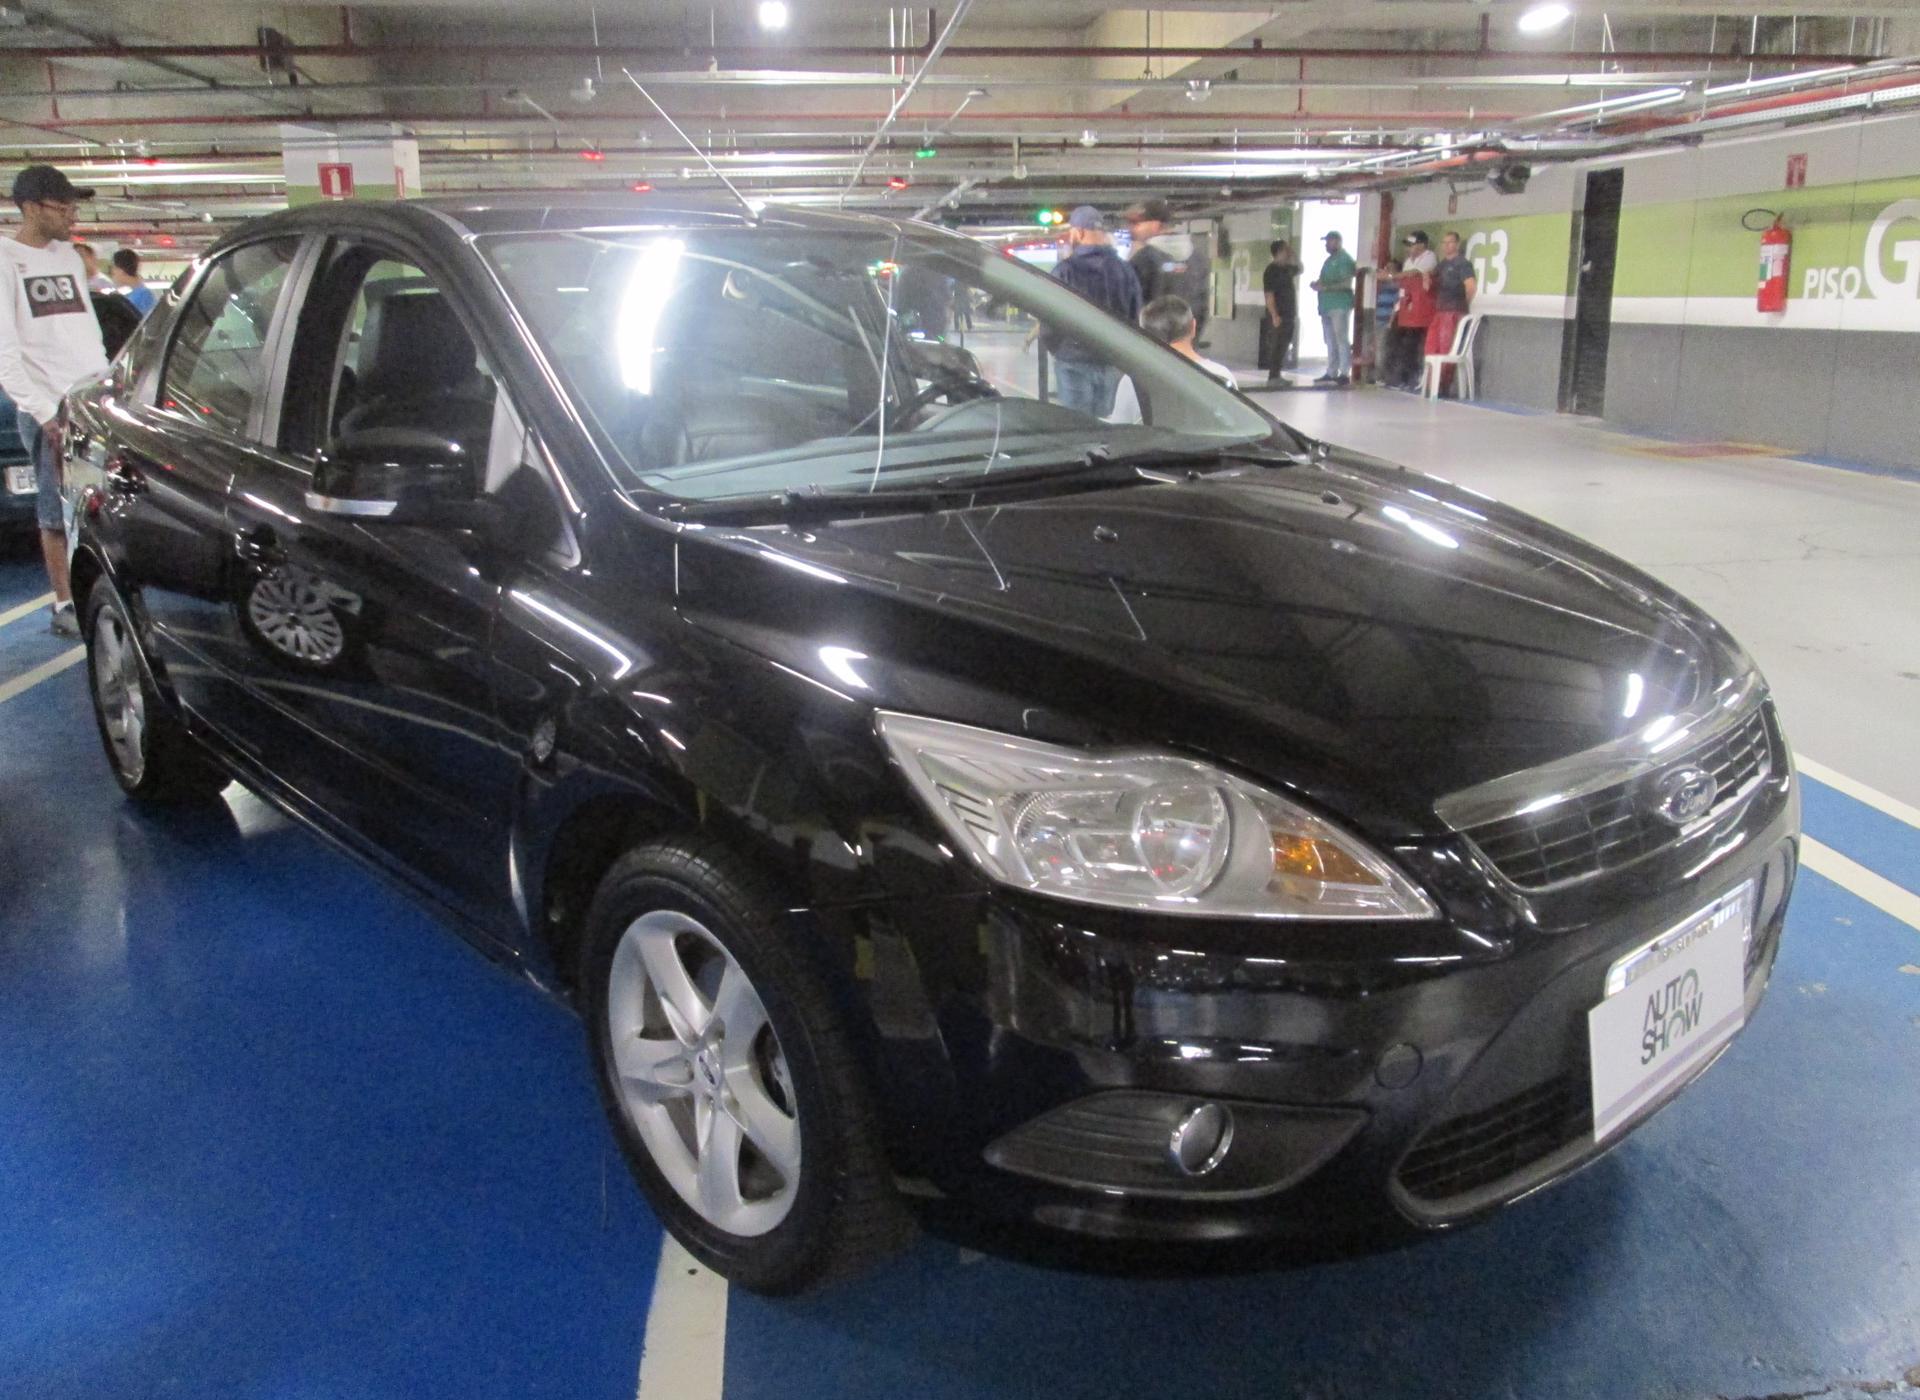 Feirão Auto Show Shopping ABC - FORD FOCUS 2.0 16V/SE/SE PLUS FLEX 5P AUT. 2010-2010